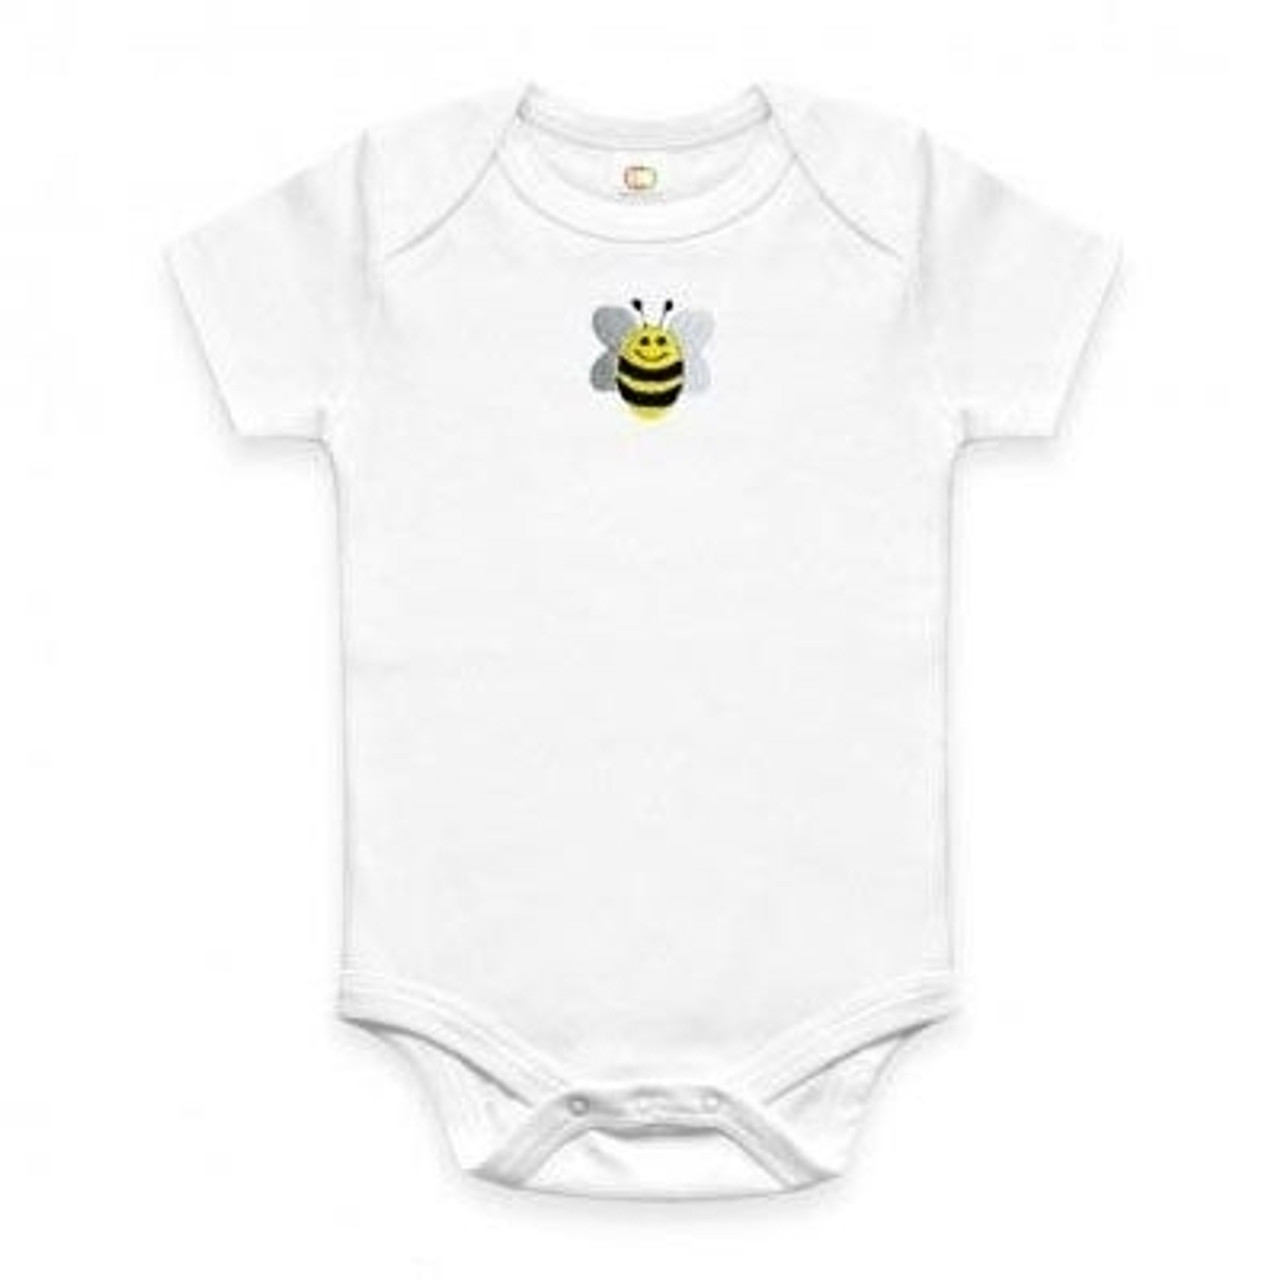 Organic Bee Onesie - 3-6 Months